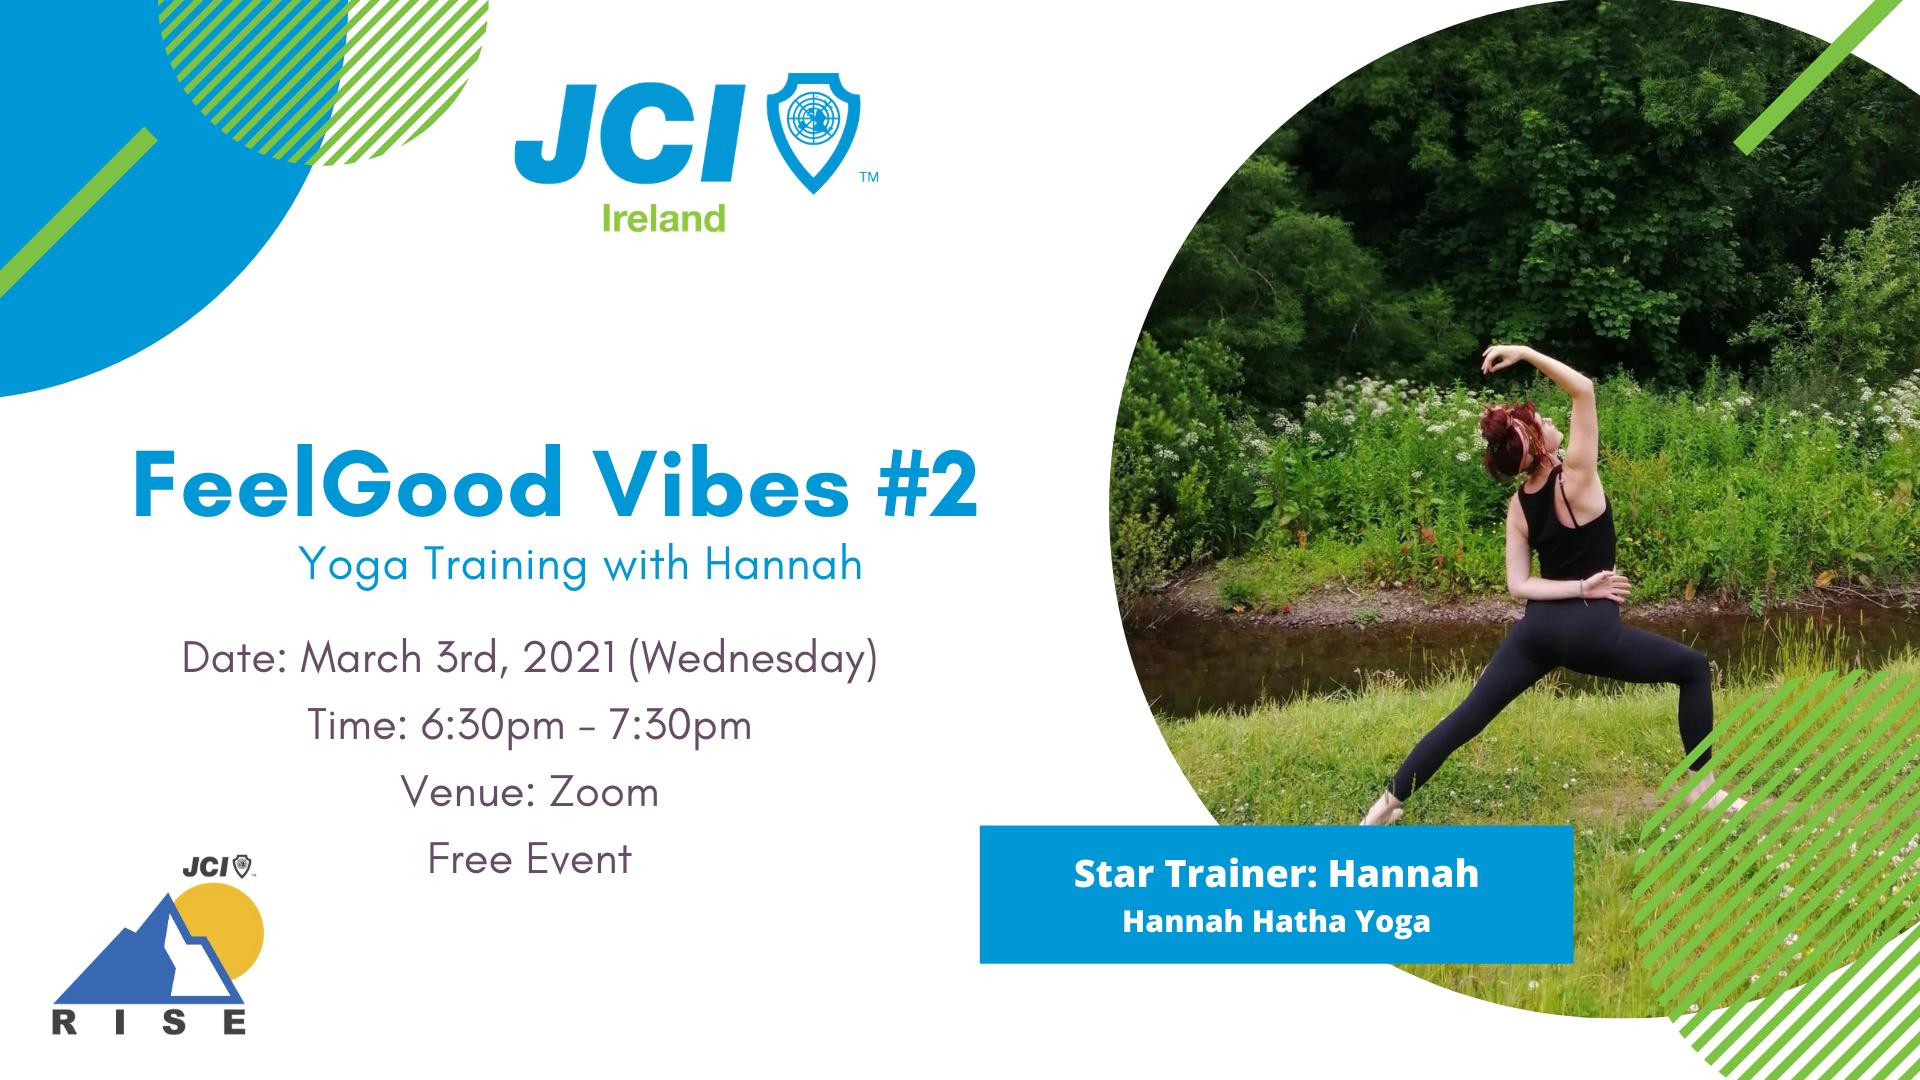 FeelGood Vibes #2 Yoga Training with Hannah